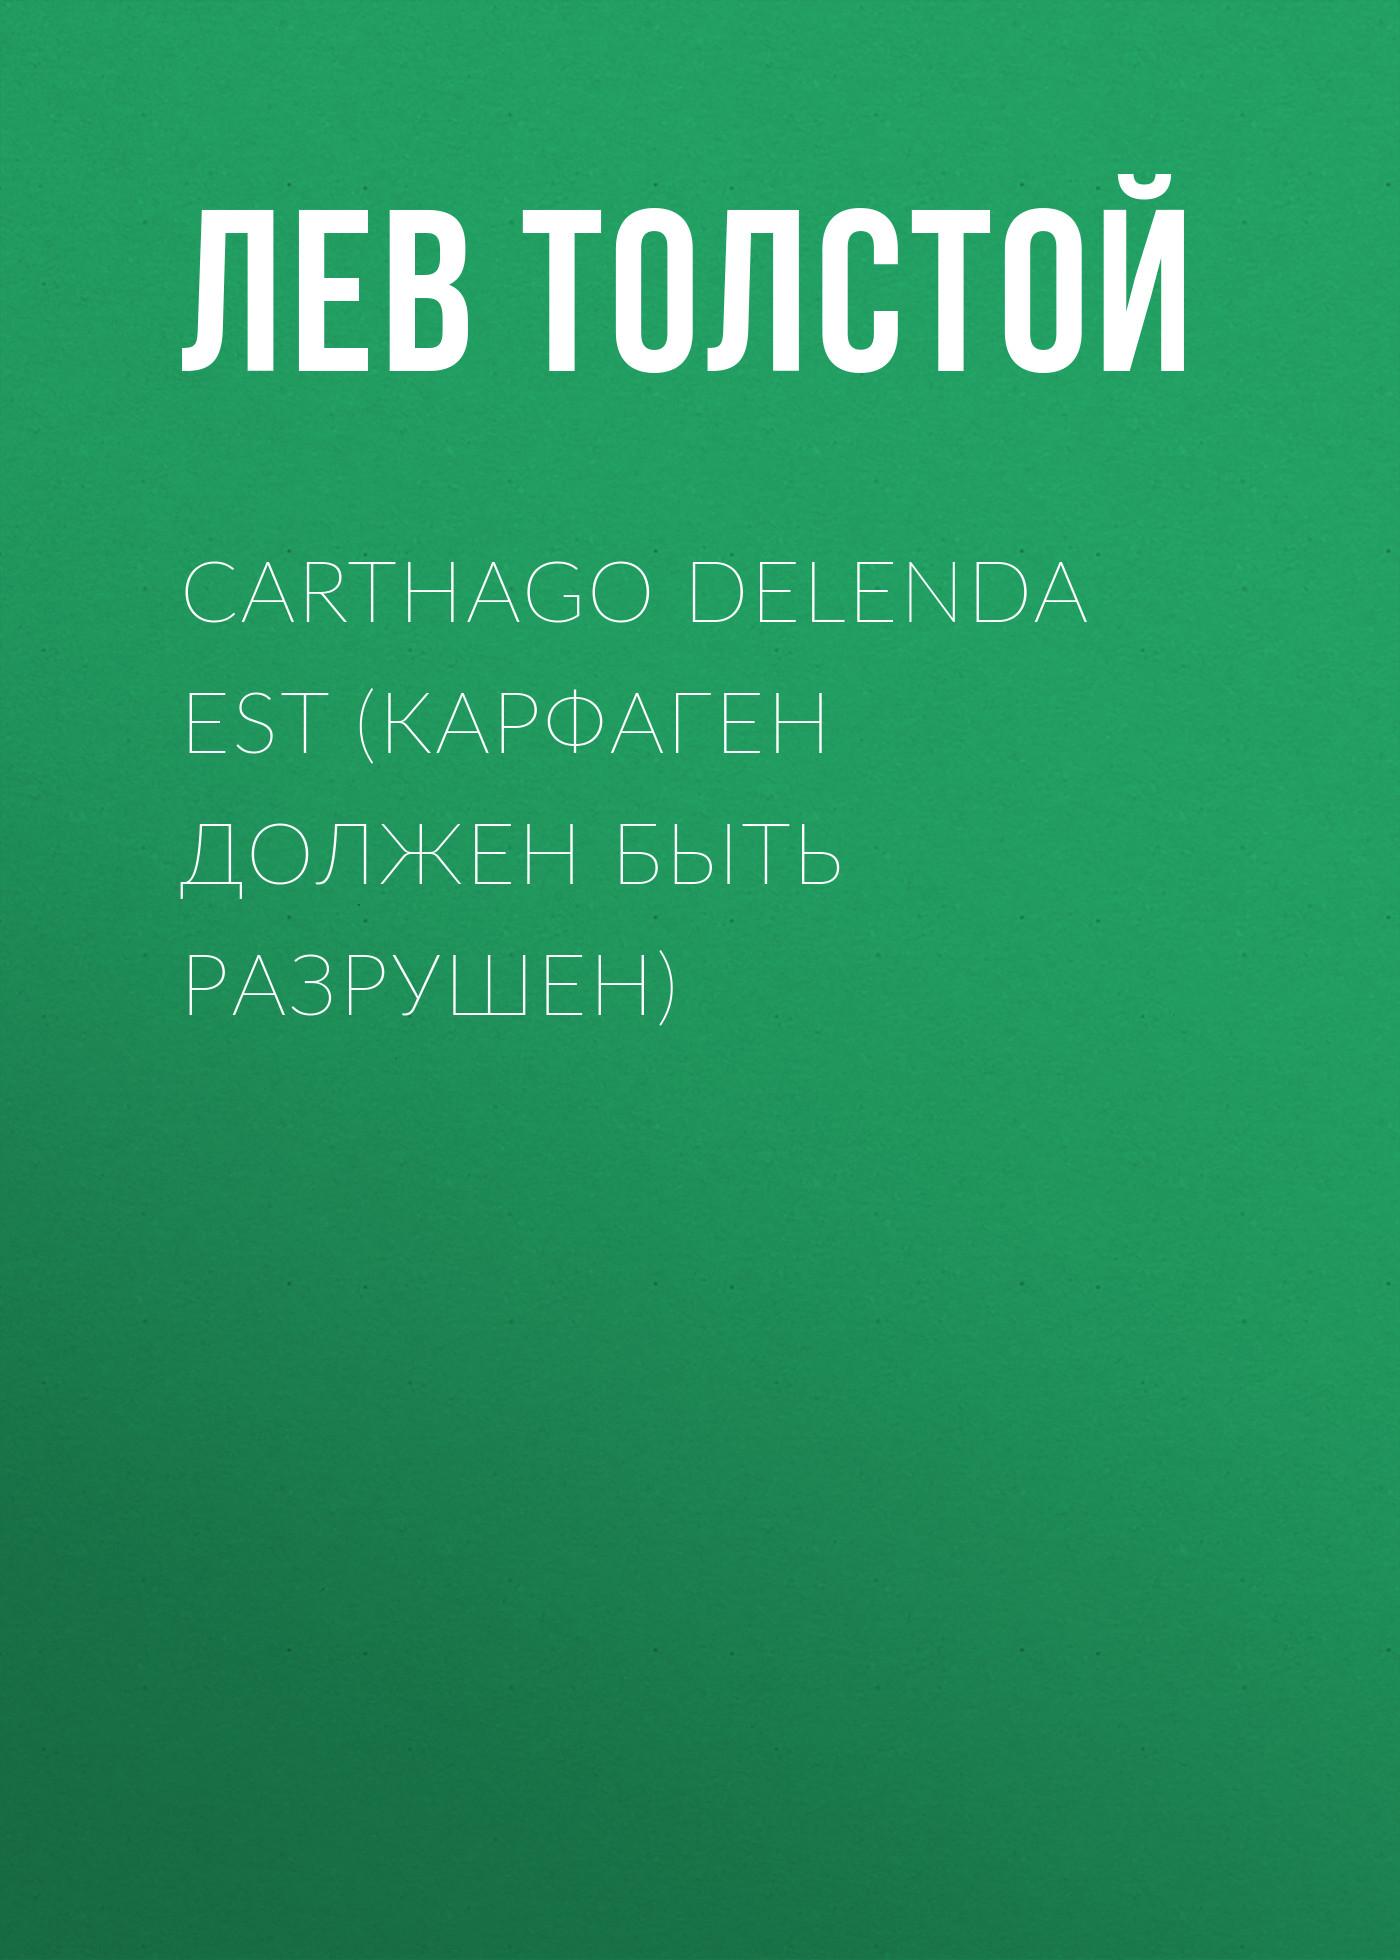 Carthago delenda est (Карфаген должен быть разрушен)